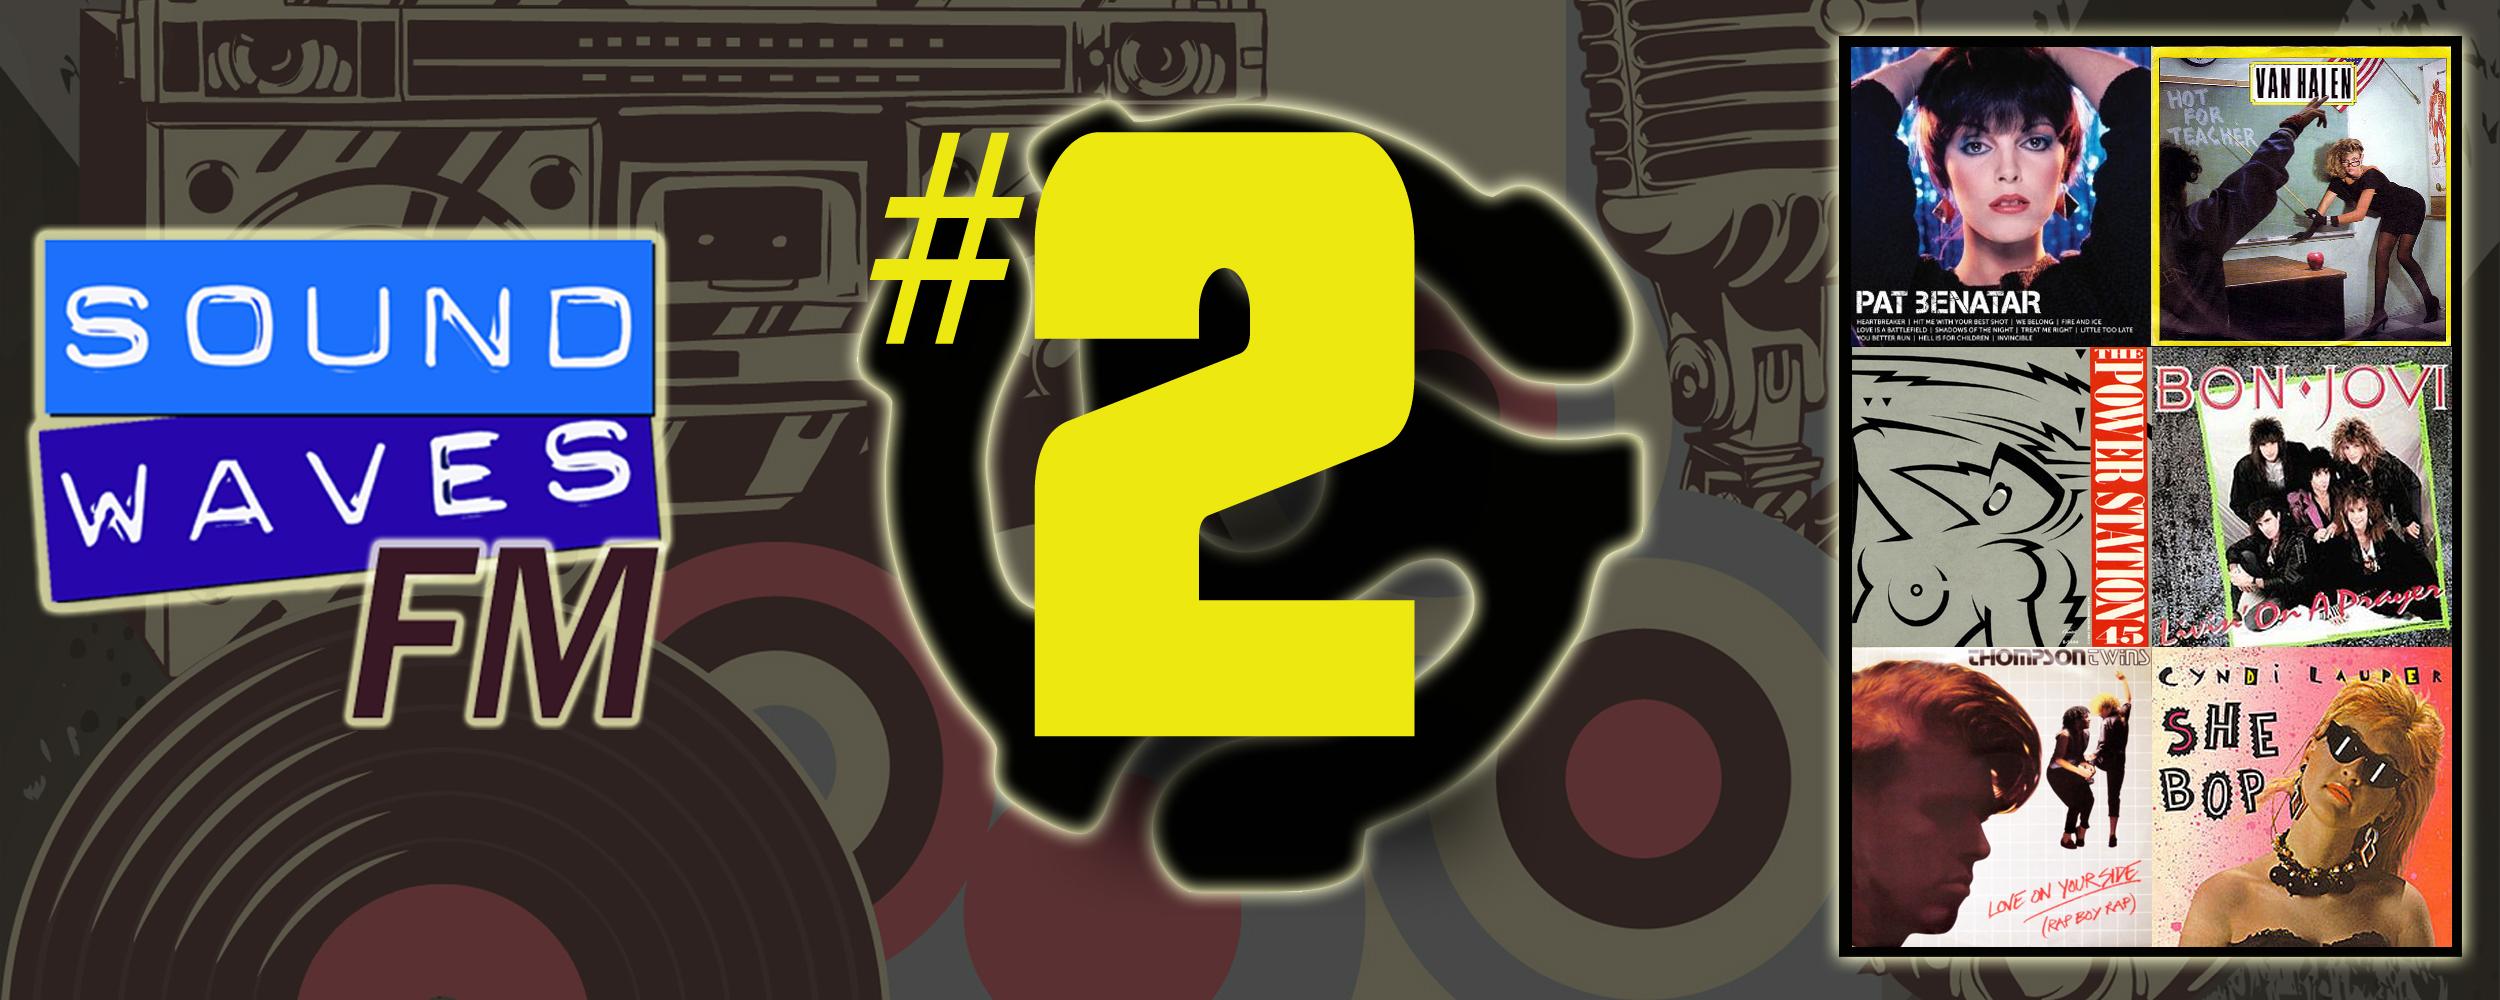 Soundwaves FM: Episode 2